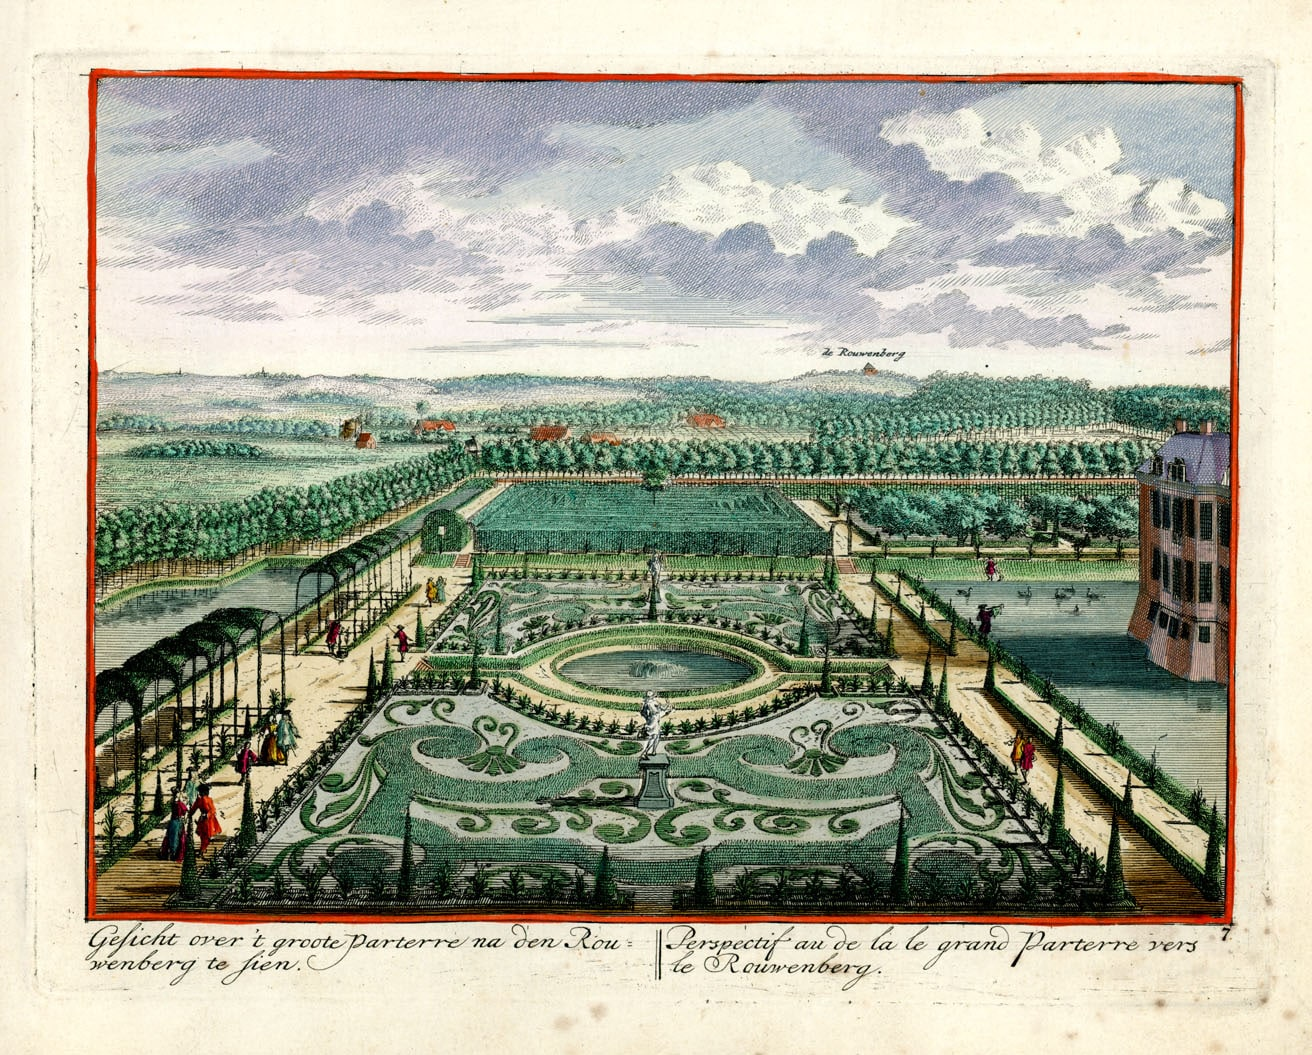 Lezing 400 jaar tuingeschiedenis in de tuinen van Middachten